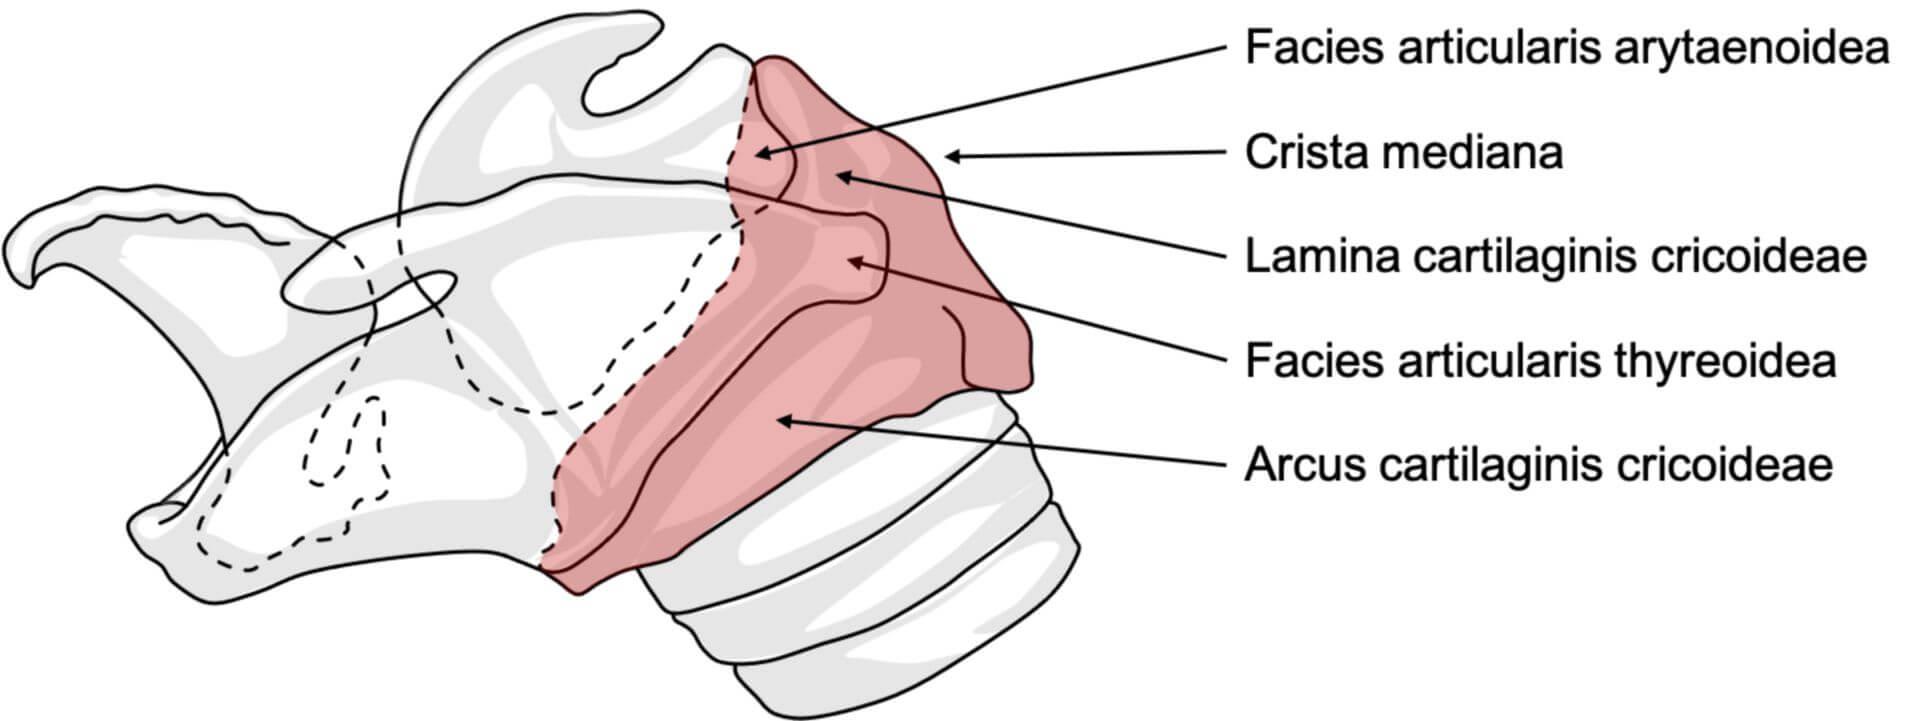 Cartilago cricoidea beim Pferd (© Patrick Messner)